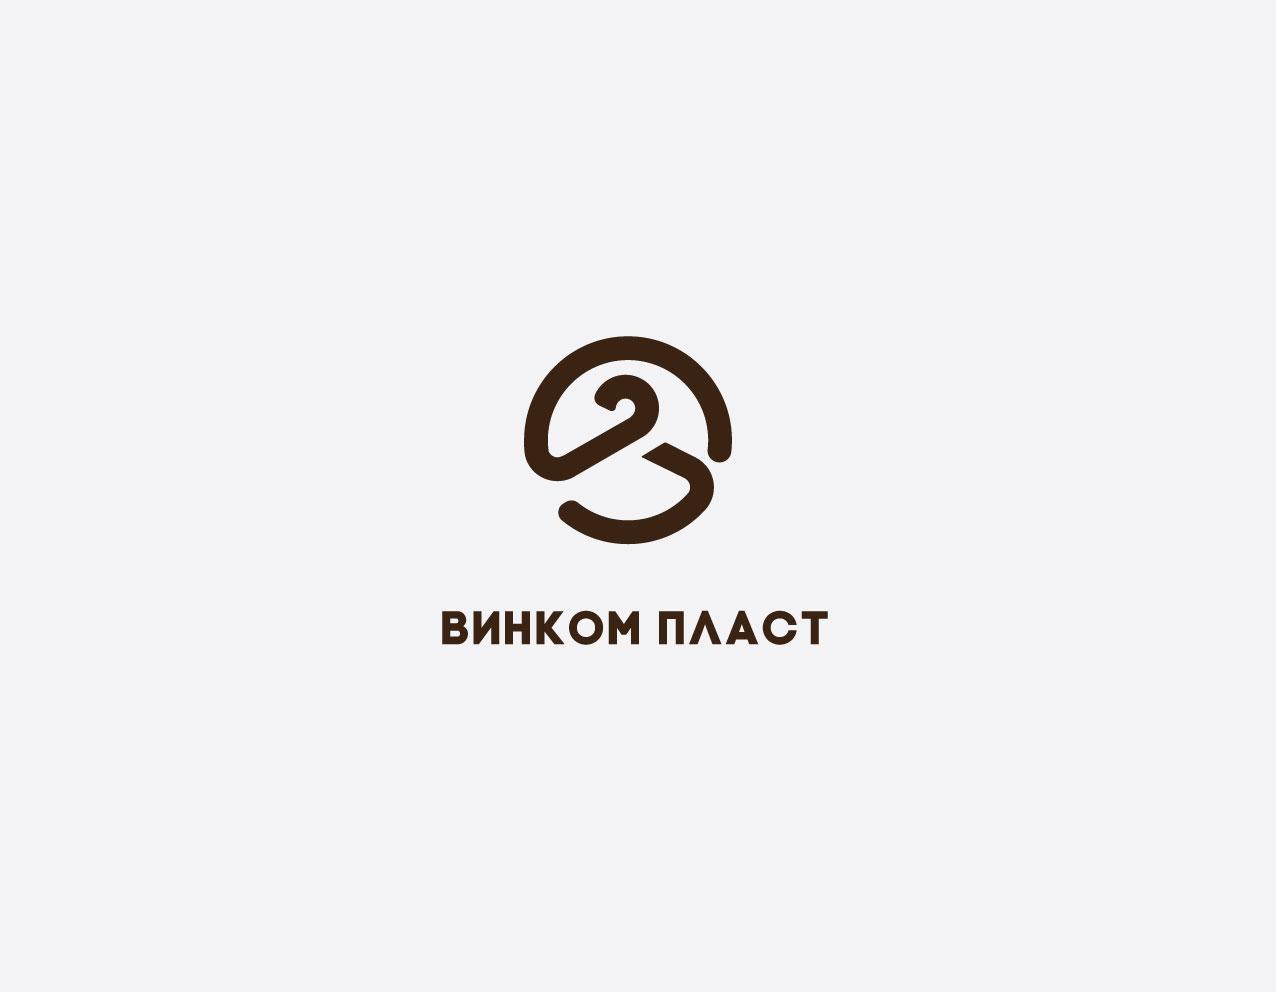 Логотип, фавикон и визитка для компании Винком Пласт  фото f_3235c3962c429f6d.jpg